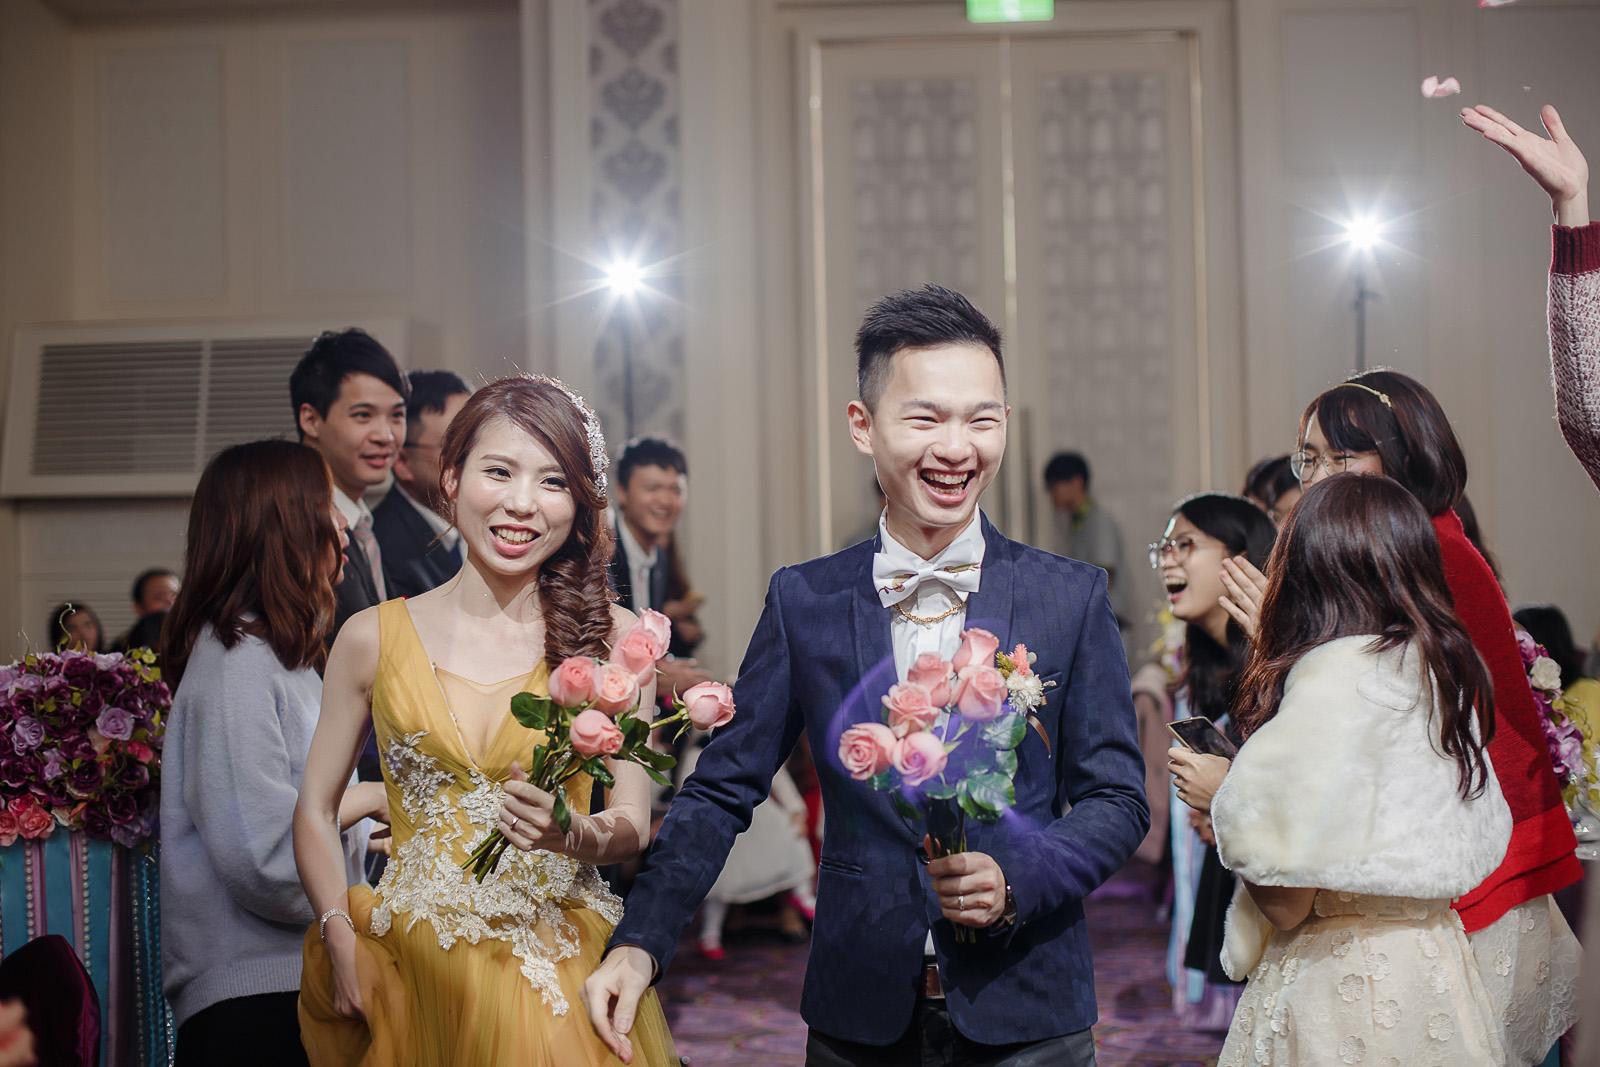 高雄圓山飯店,婚禮攝影,婚攝,高雄婚攝,優質婚攝推薦,Jen&Ethan-280